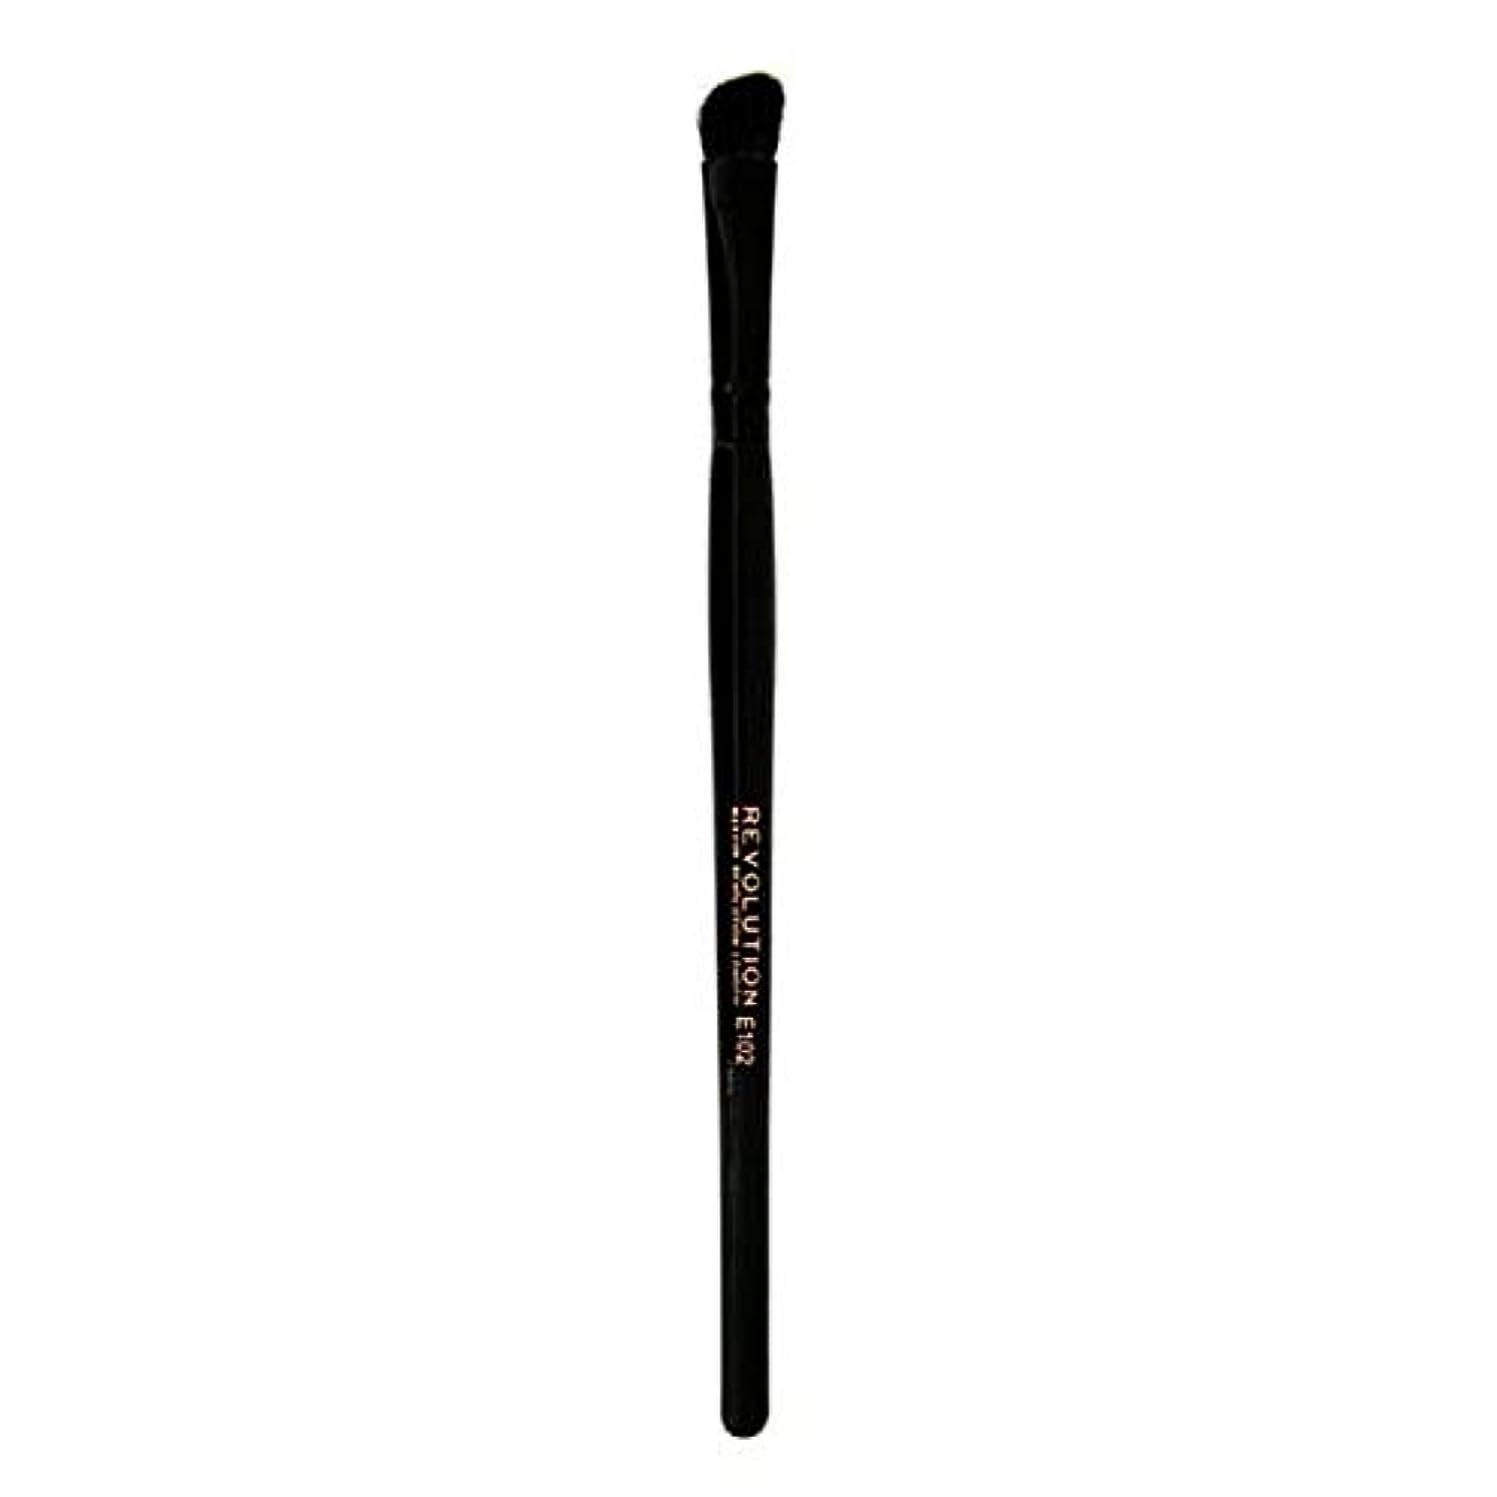 社説許さないしわ[Revolution ] 革命プロE102アイシャドウの輪郭メイクブラシ - Revolution Pro E102 Eyeshadow Contour Makeup Brush [並行輸入品]